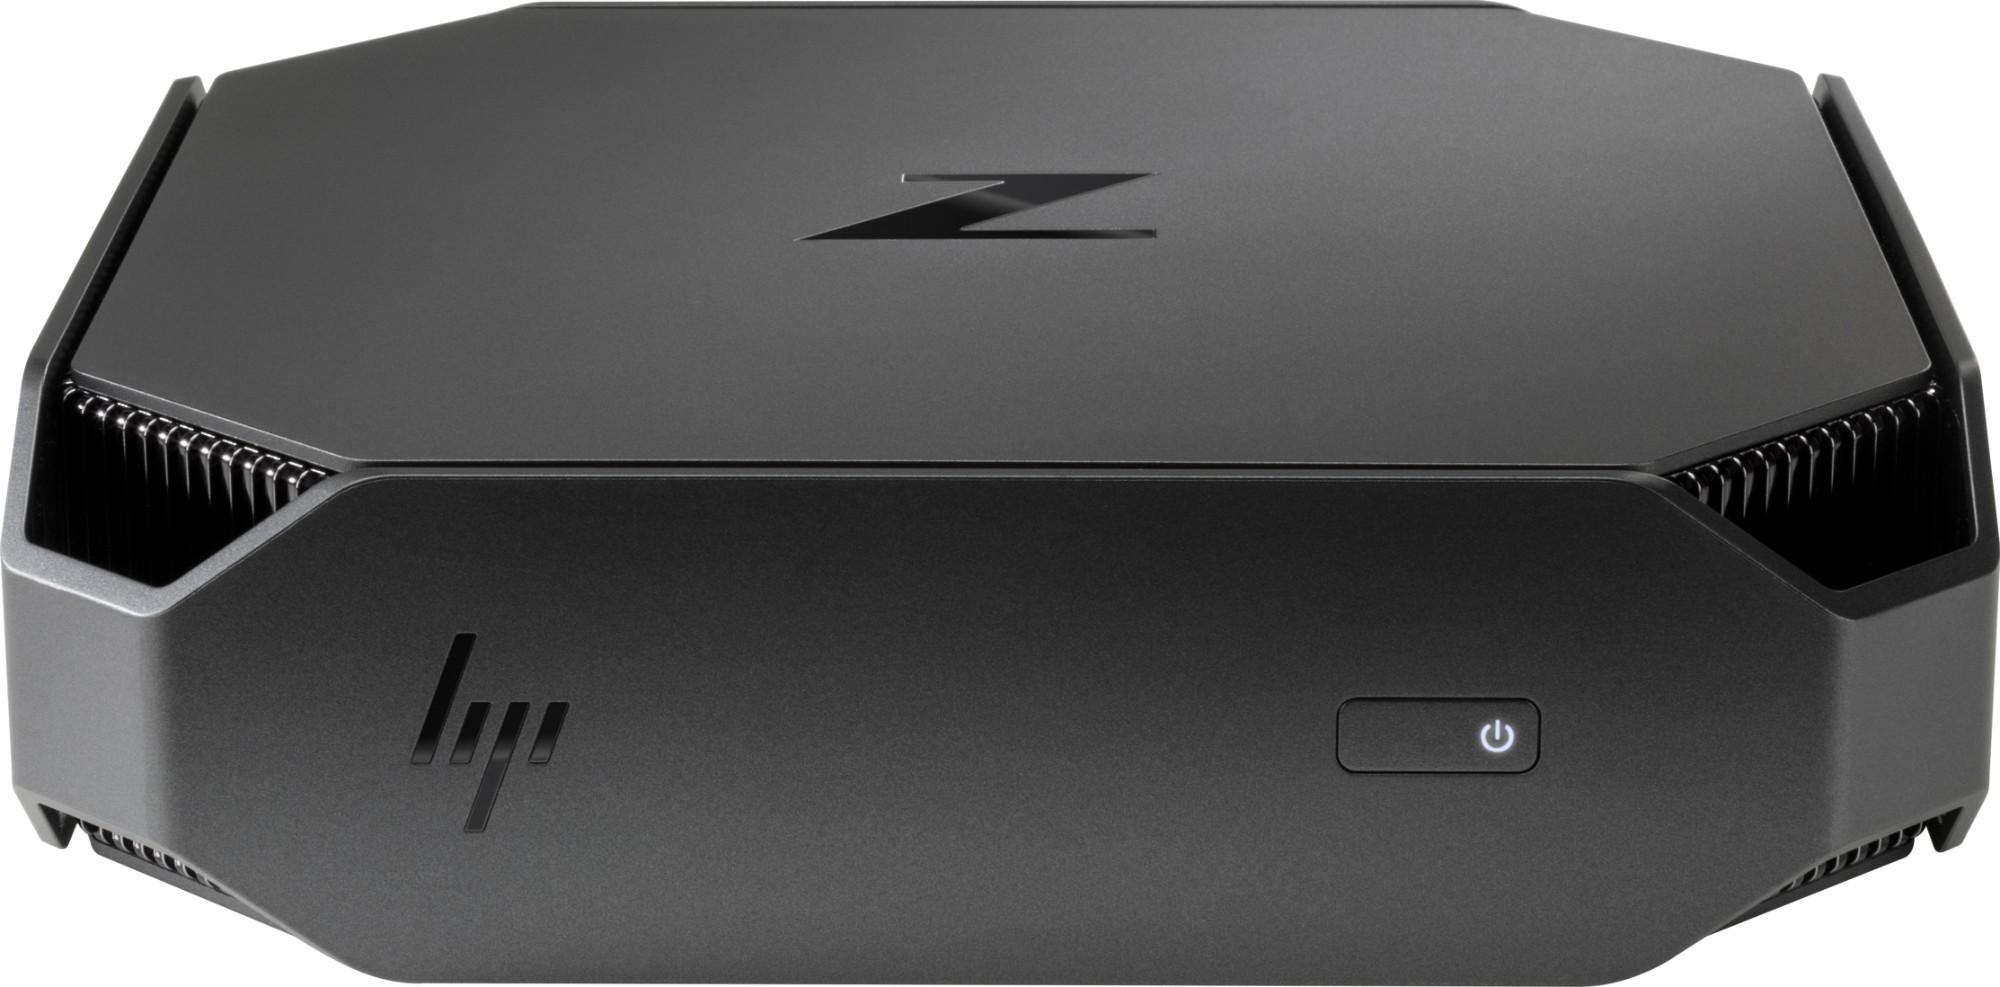 Workstation Z2 Z2 Mini G4 - E2104G - 16GB RAM - 512GB SSD - Win10 Pro